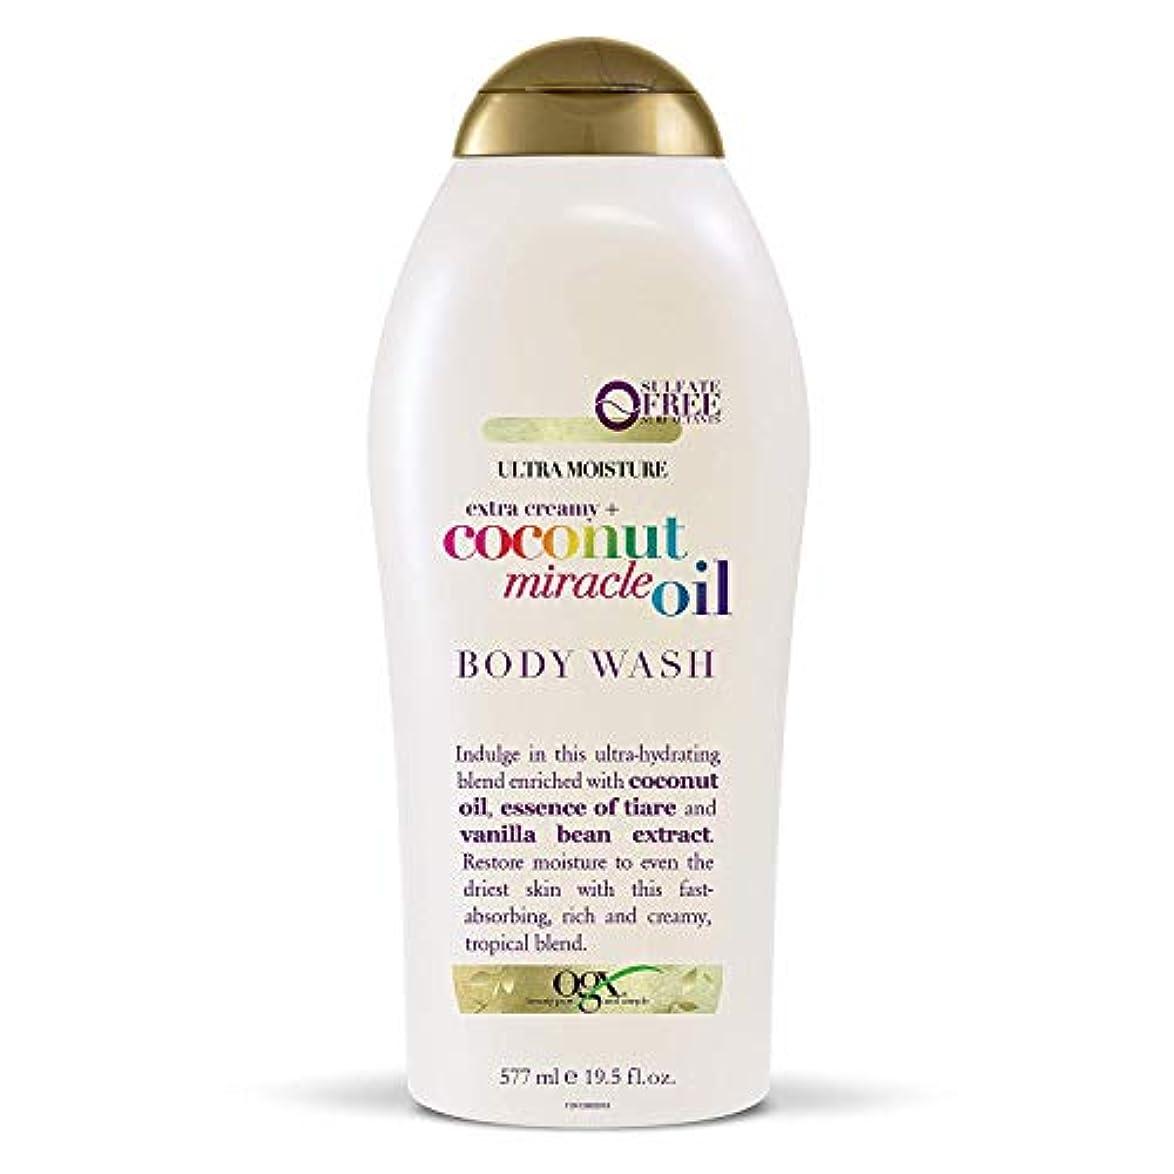 空港表現傷つきやすいOgx Body Wash Coconut Miracle Oil Extra Strength 19.5oz OGX ココナッツミラクルオイル エクストラストレングス ボディウォッシュ 577ml [並行輸入品]